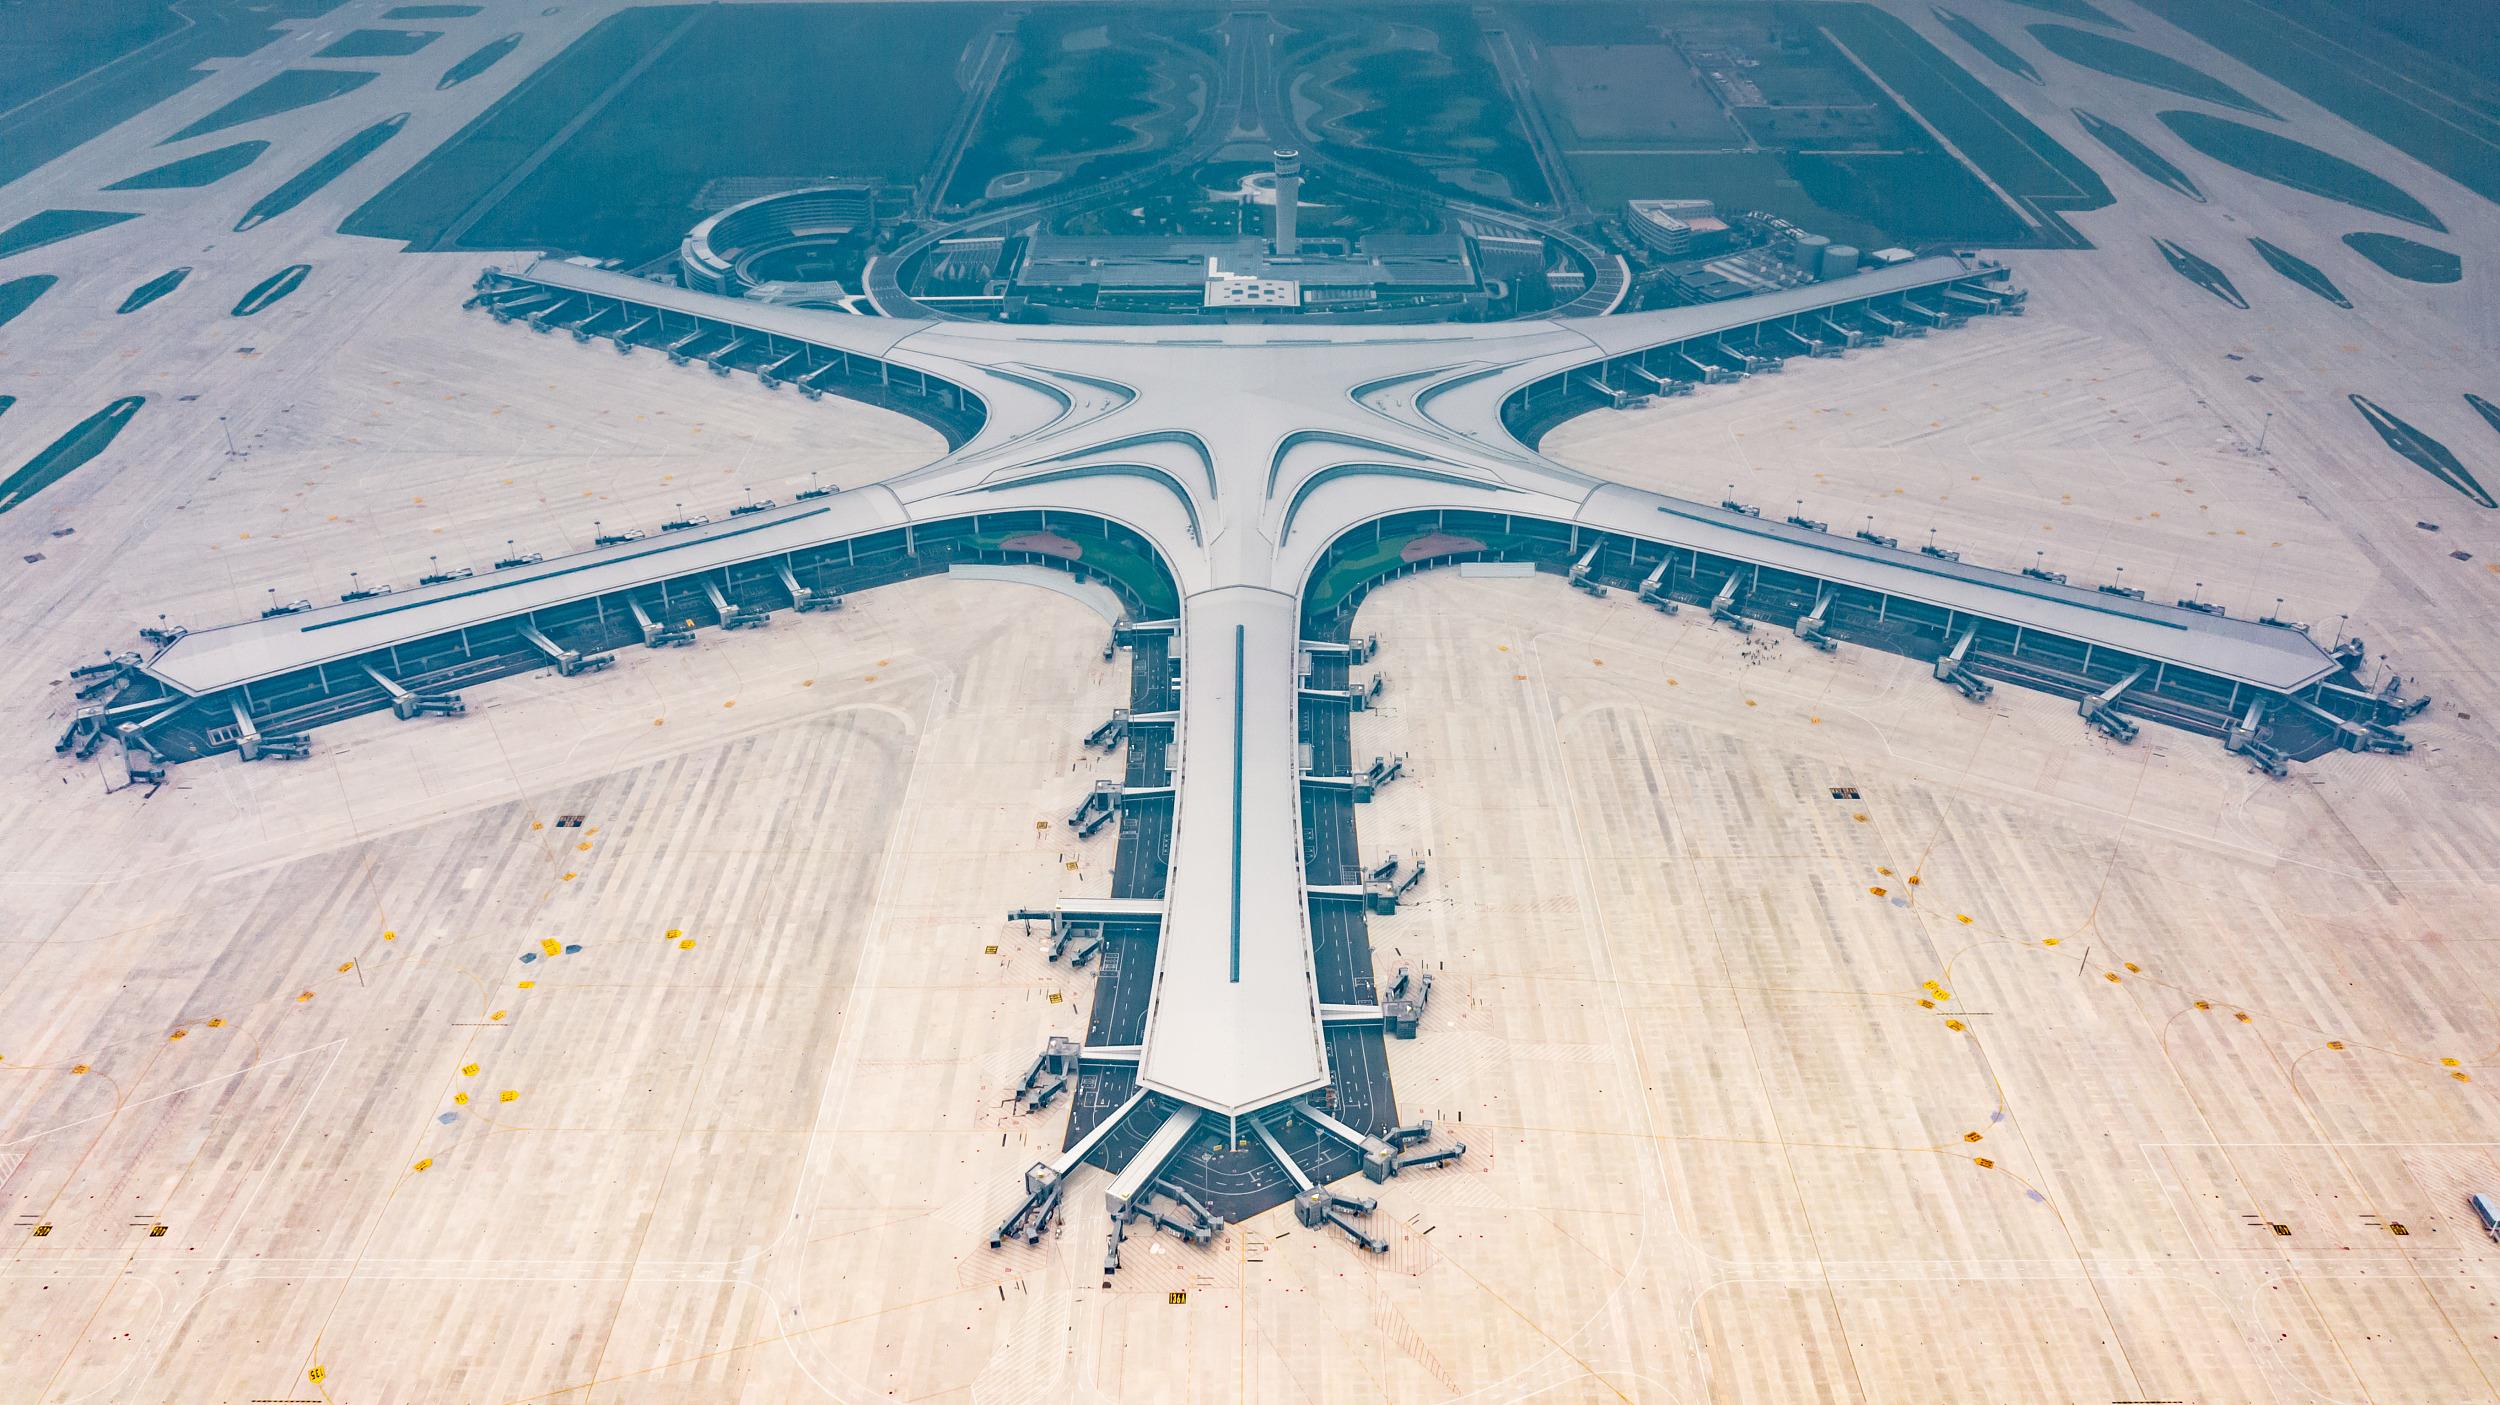 青岛胶东国际机场将于8月实施转场运营